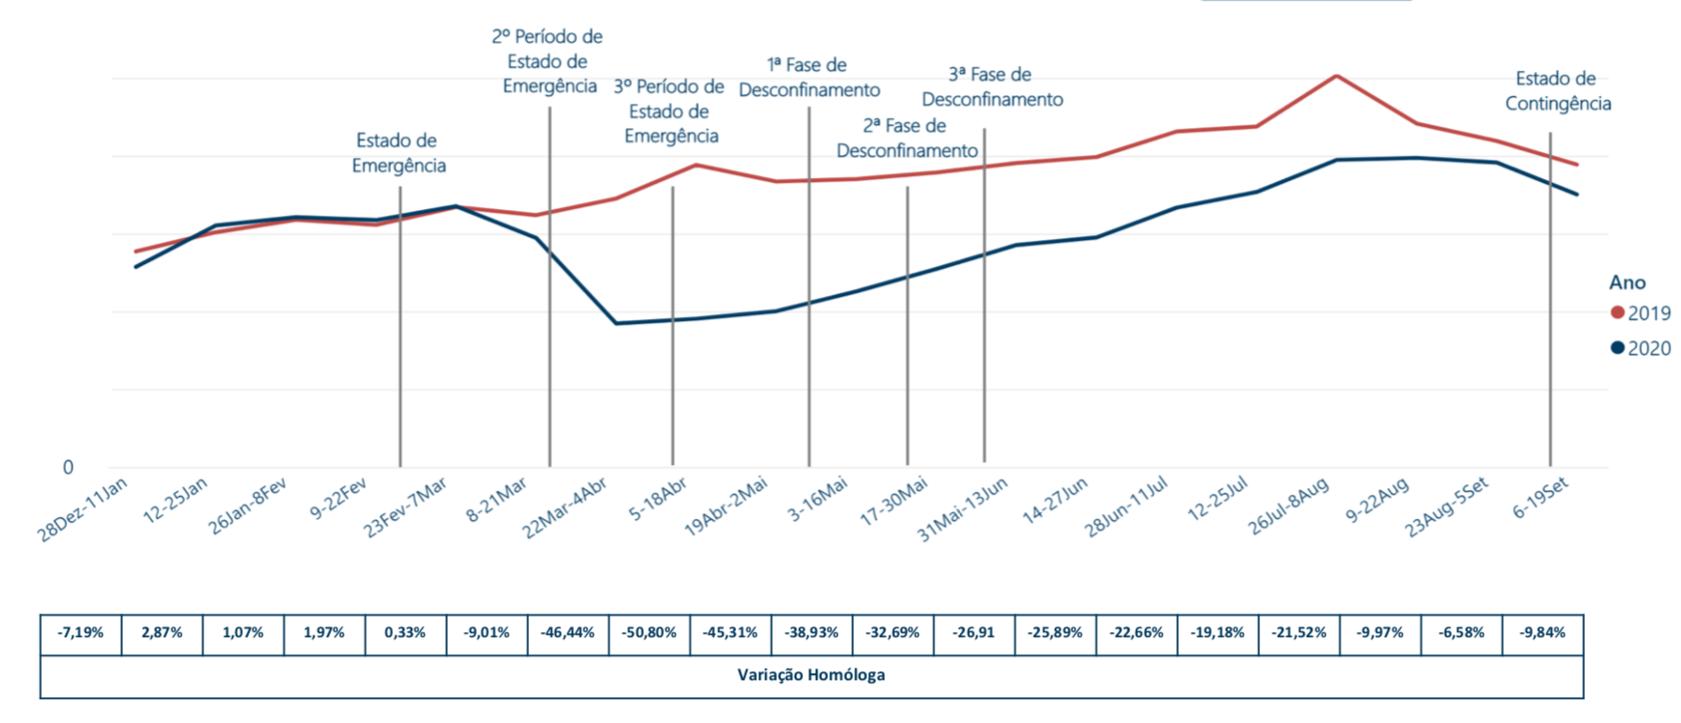 Evolução da Faturação Total 2020/2019 (Quinzenas)